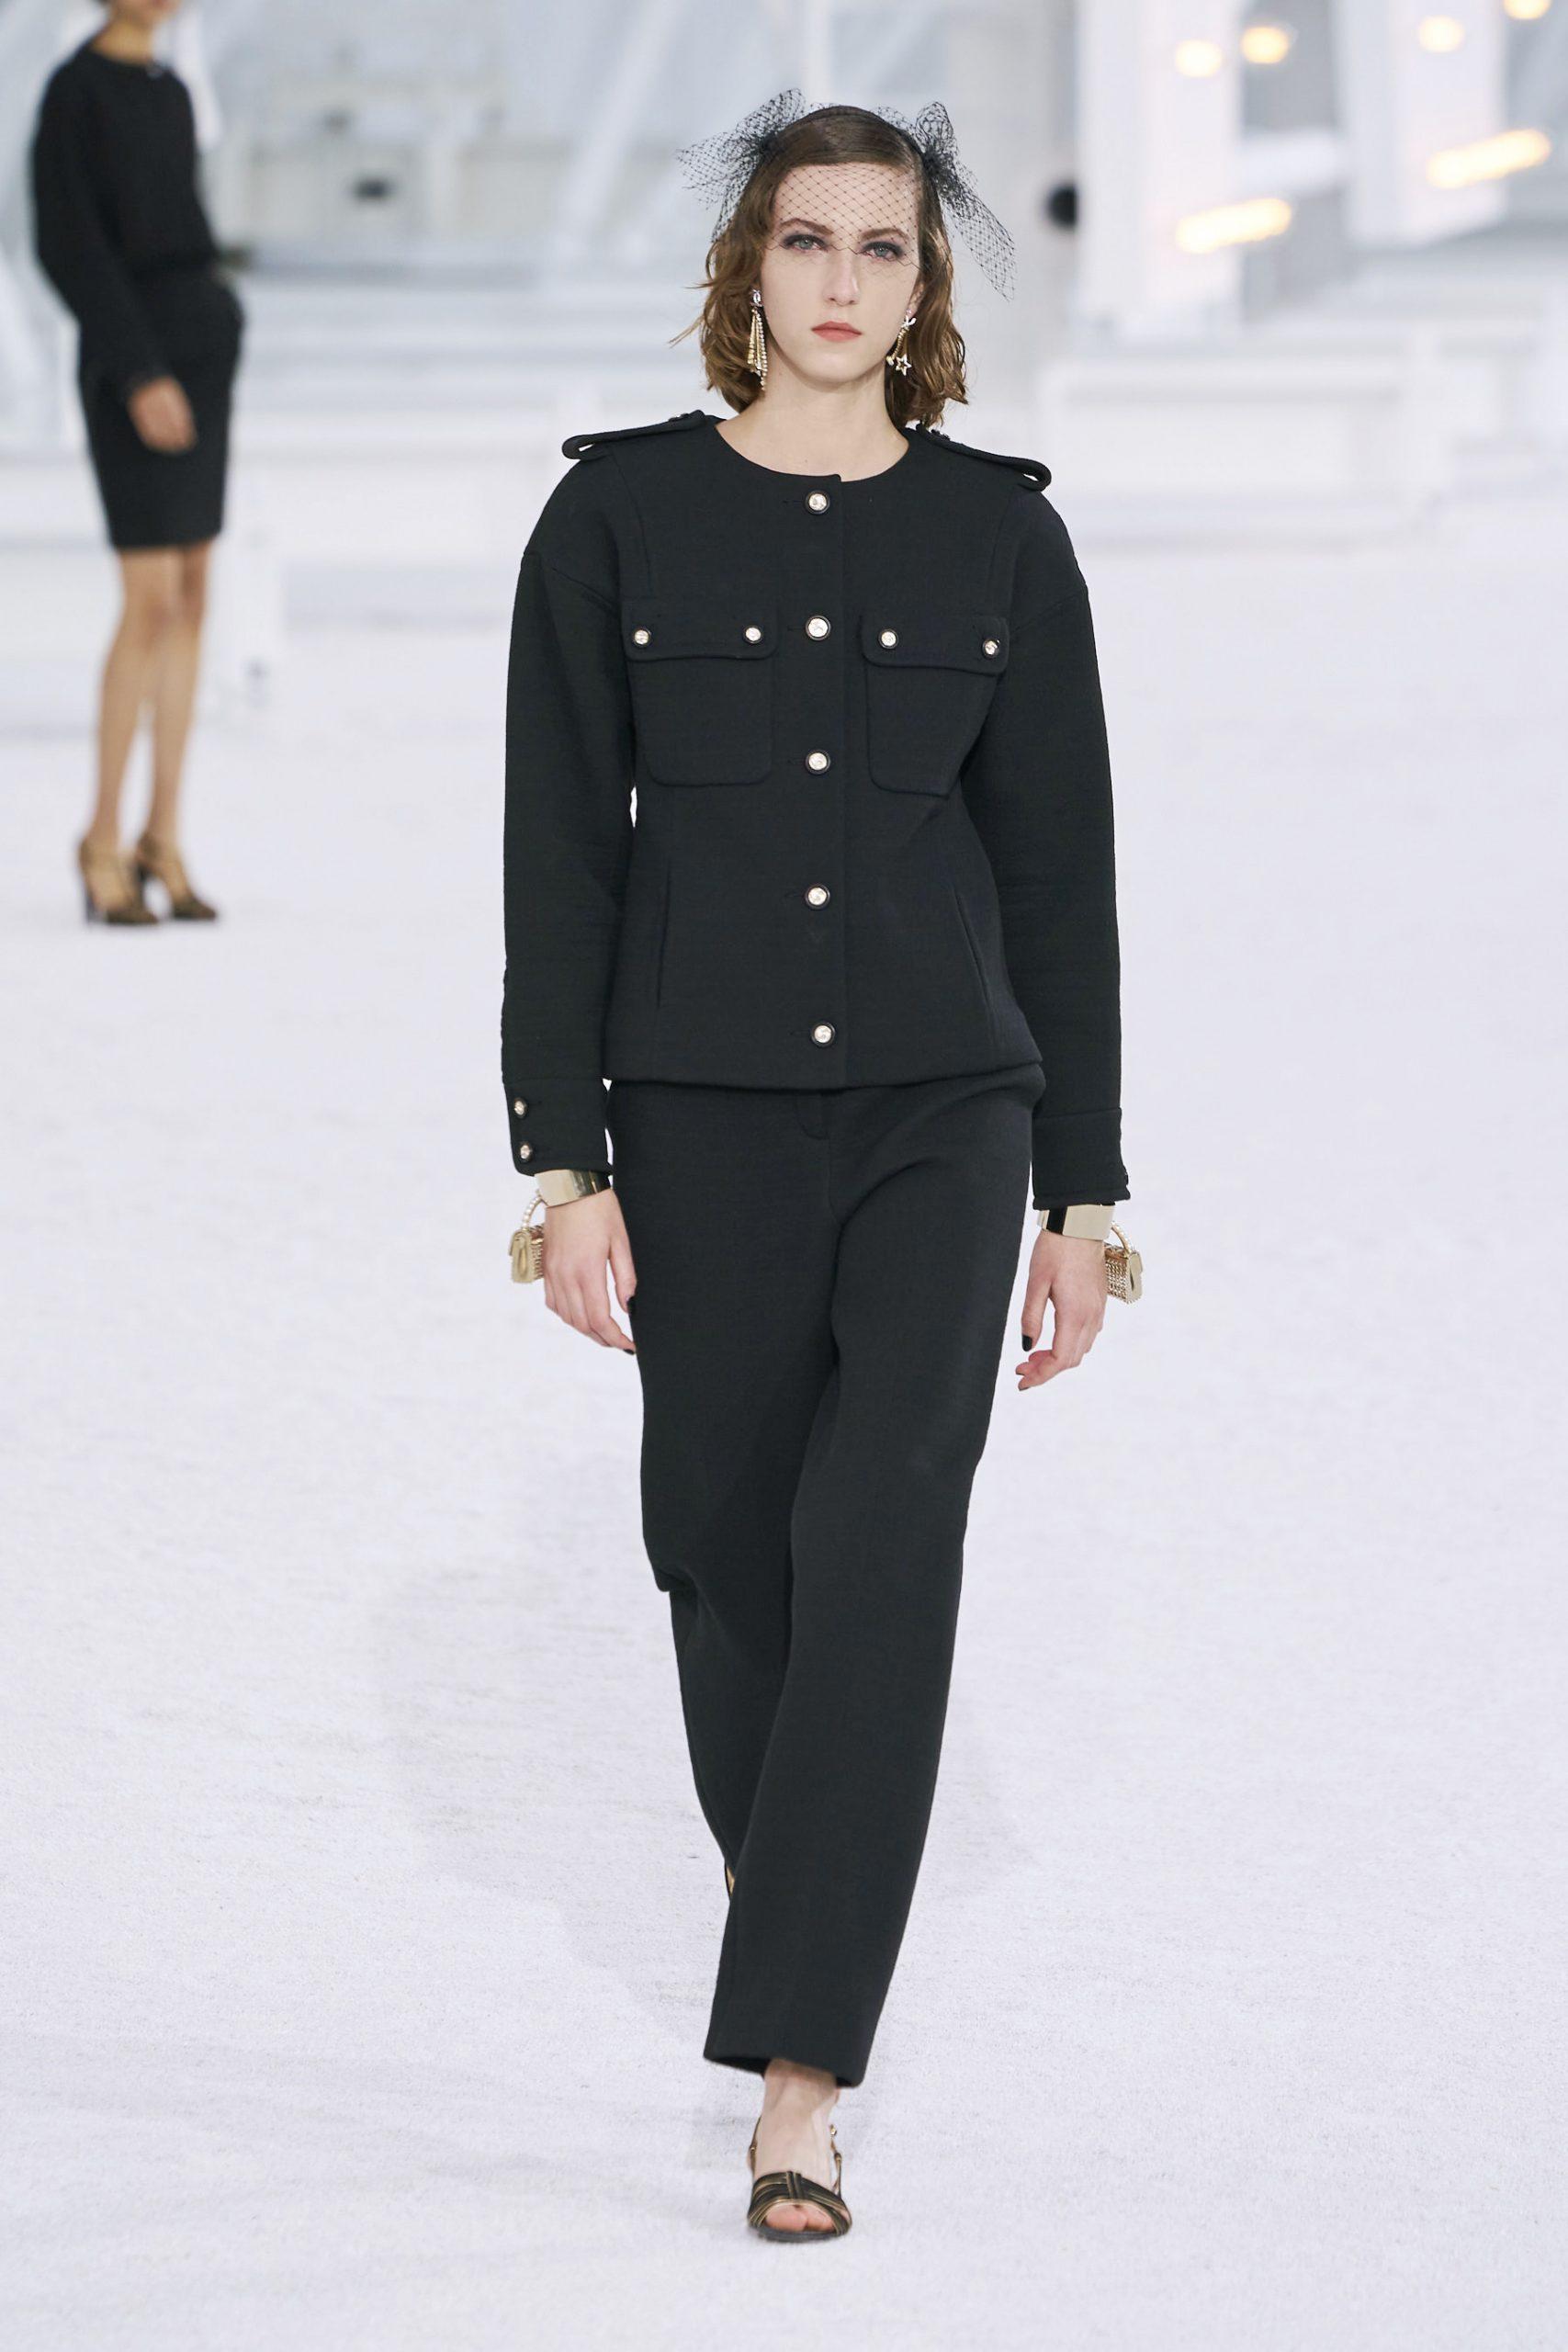 15. kép: Párizsi Divathét - Chanel - 2021 tavasz-nyár - ready to wear